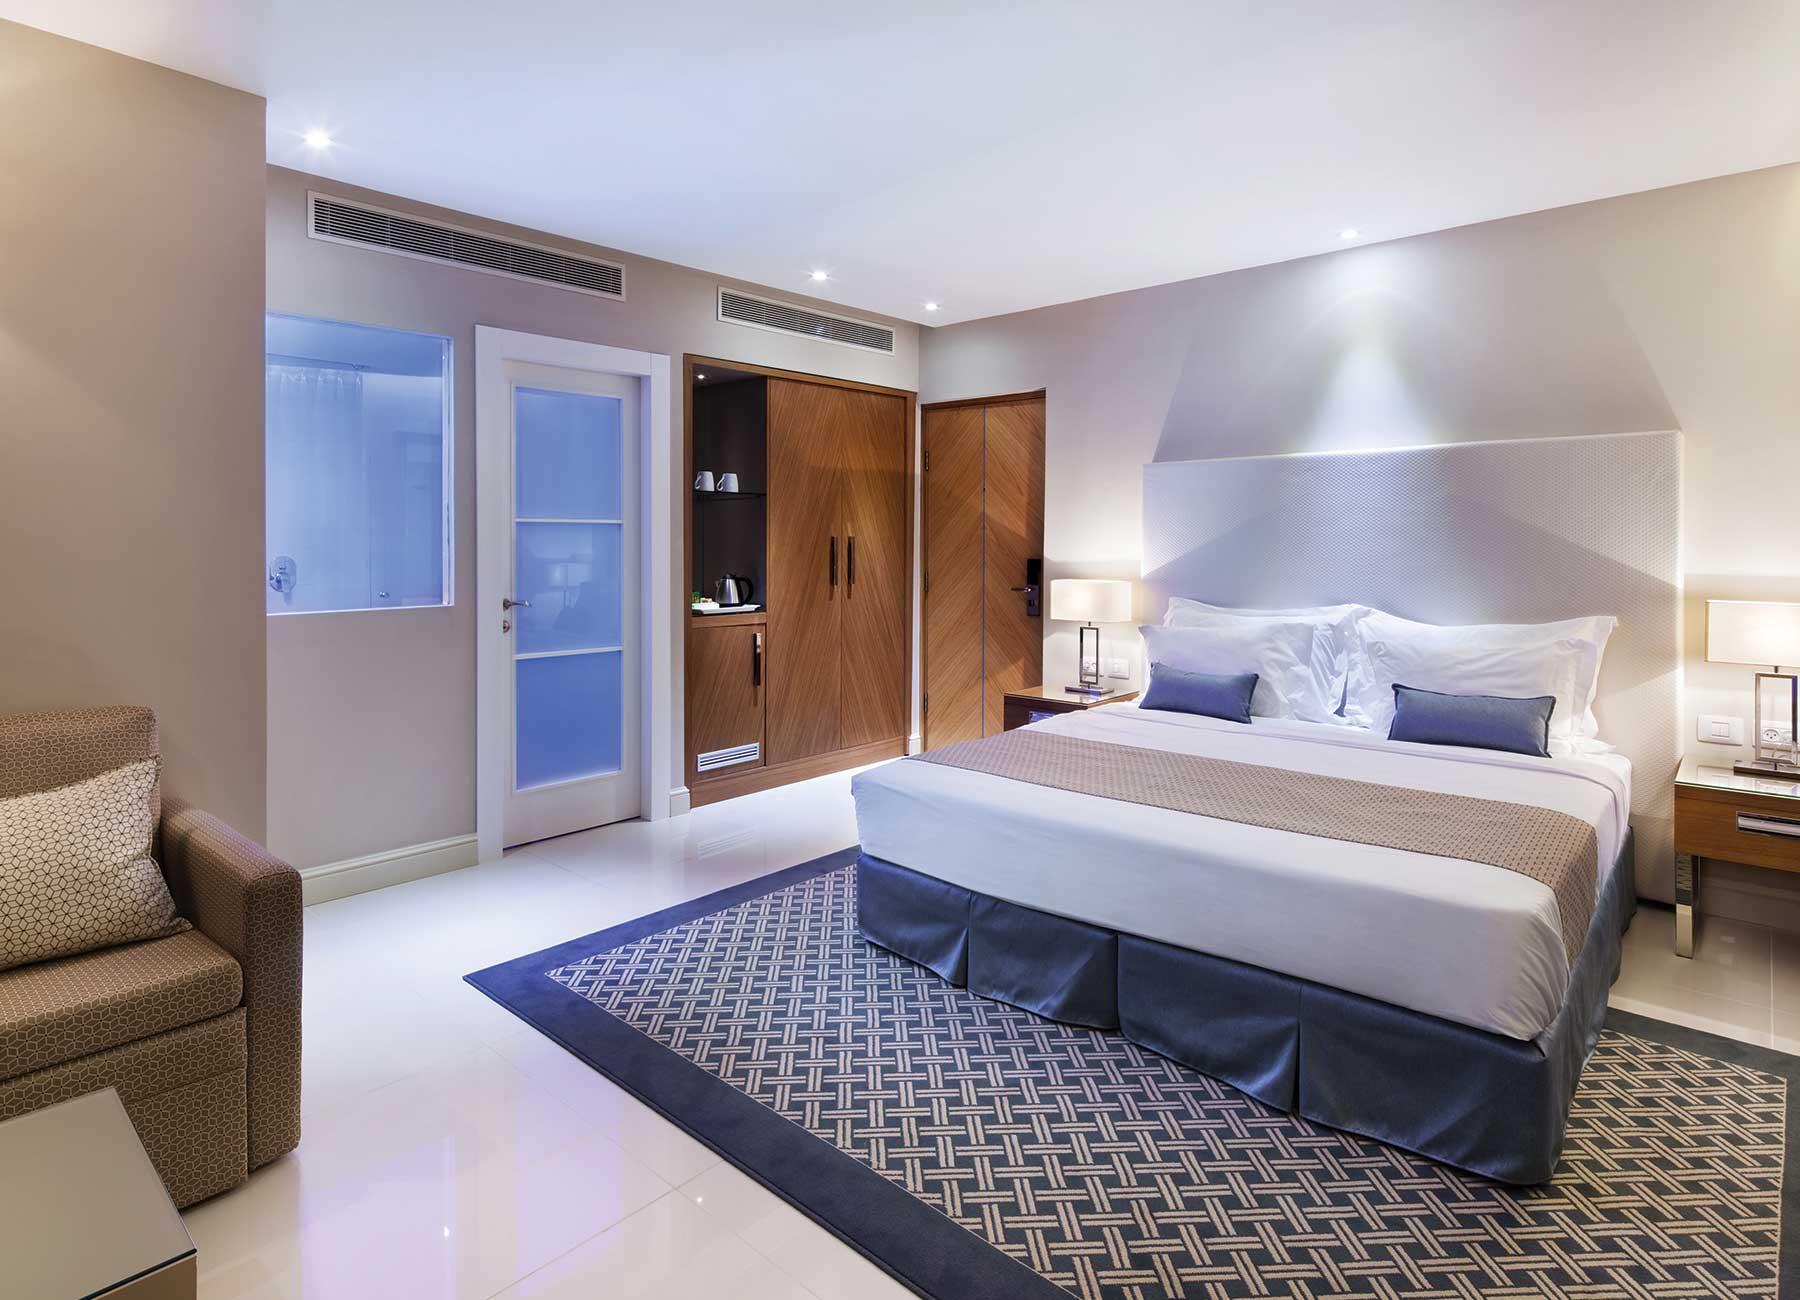 חדר במלון הרברט סמואל הריף אילת